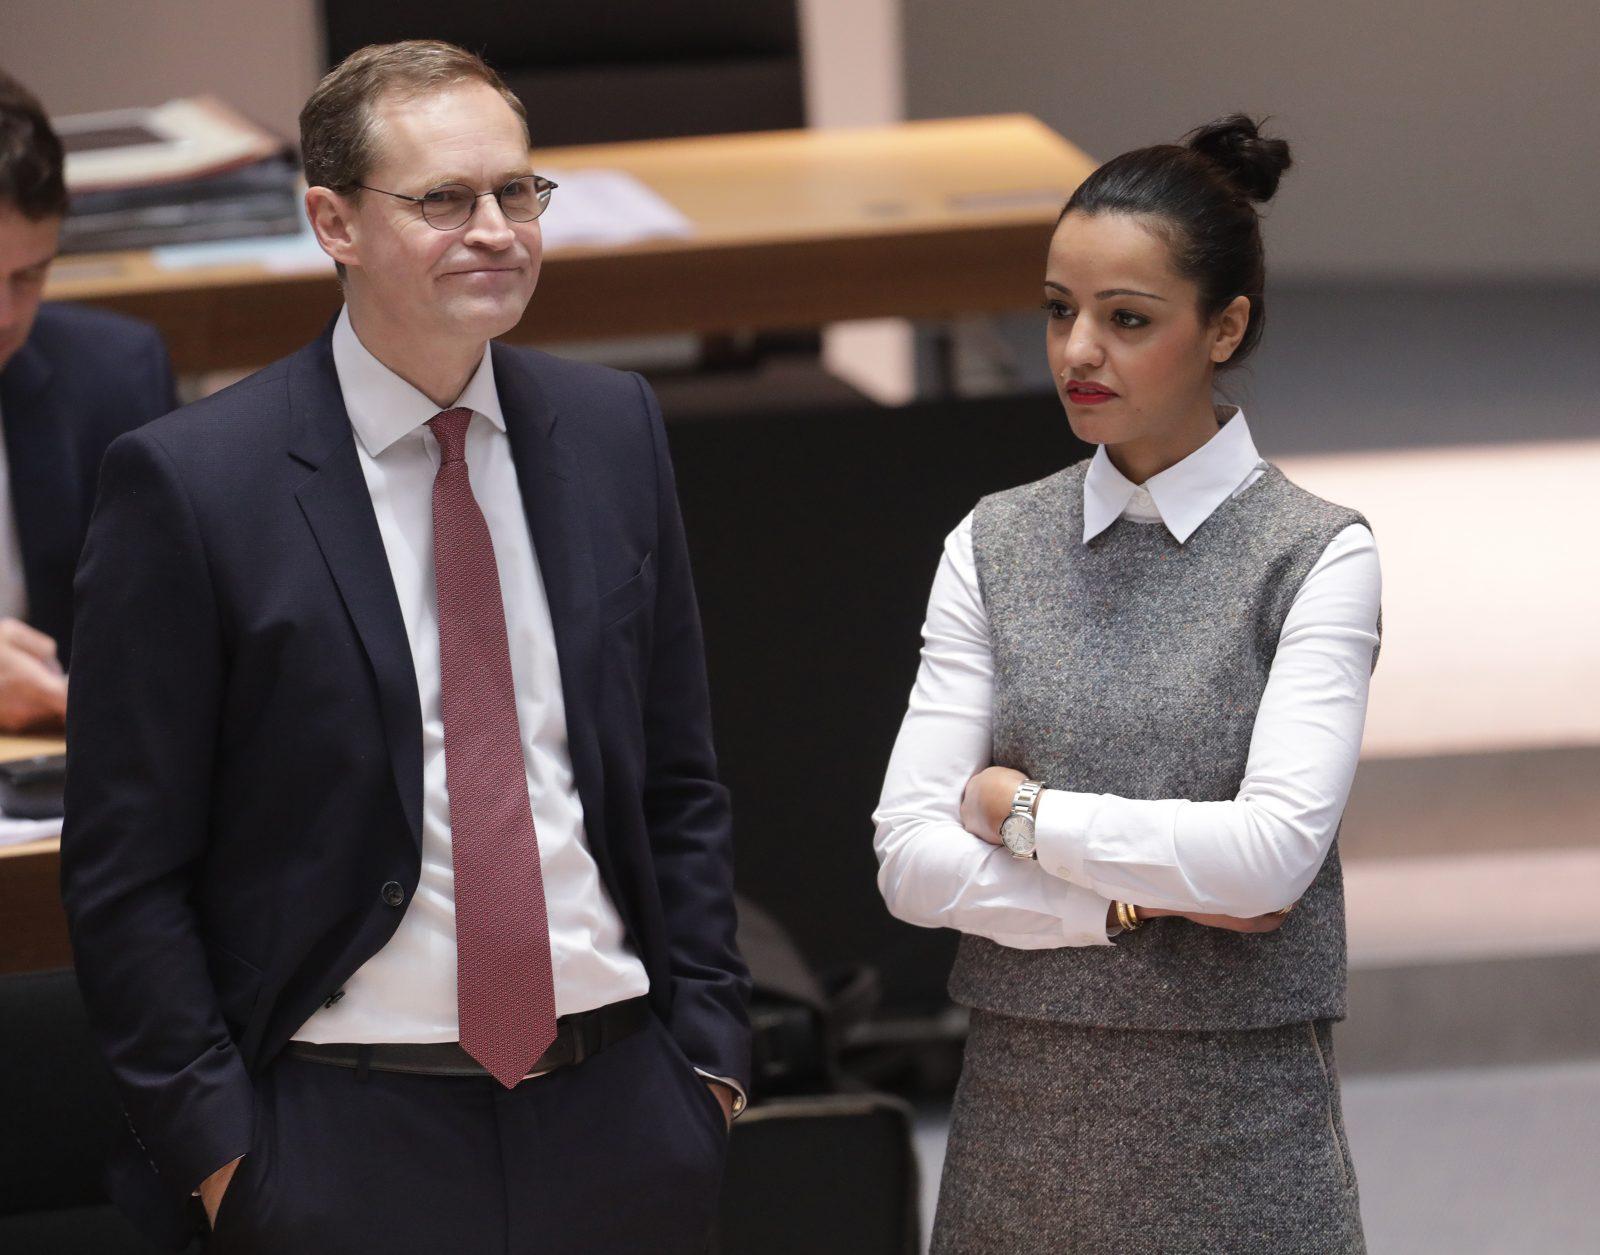 Berlins Regierender Bürgermeister Michael Müller (SPD) und Staatssekretärin Sawsan Chebli unterhalten sich vor der Sitzung des Berliner Abgeordnetenhauses am 12.01.2017 in Berlin